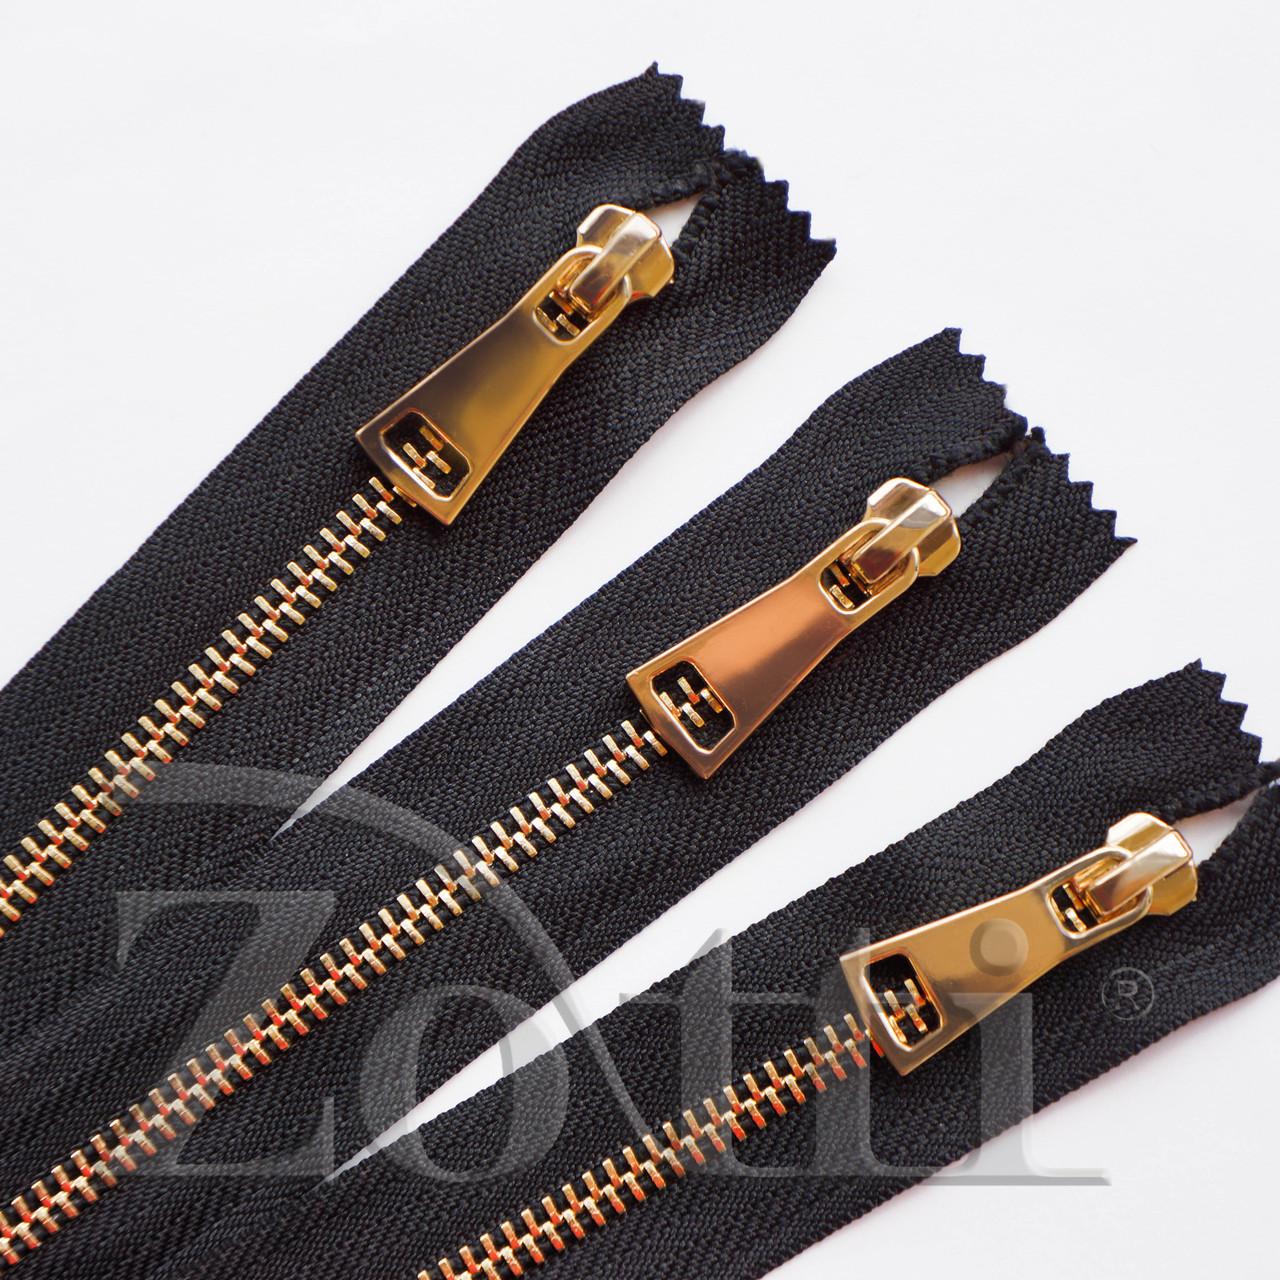 Молния (змейка,застежка) металлическая №5, размерная, обувная, черная, с золотым бегунком № 115 - 40 см